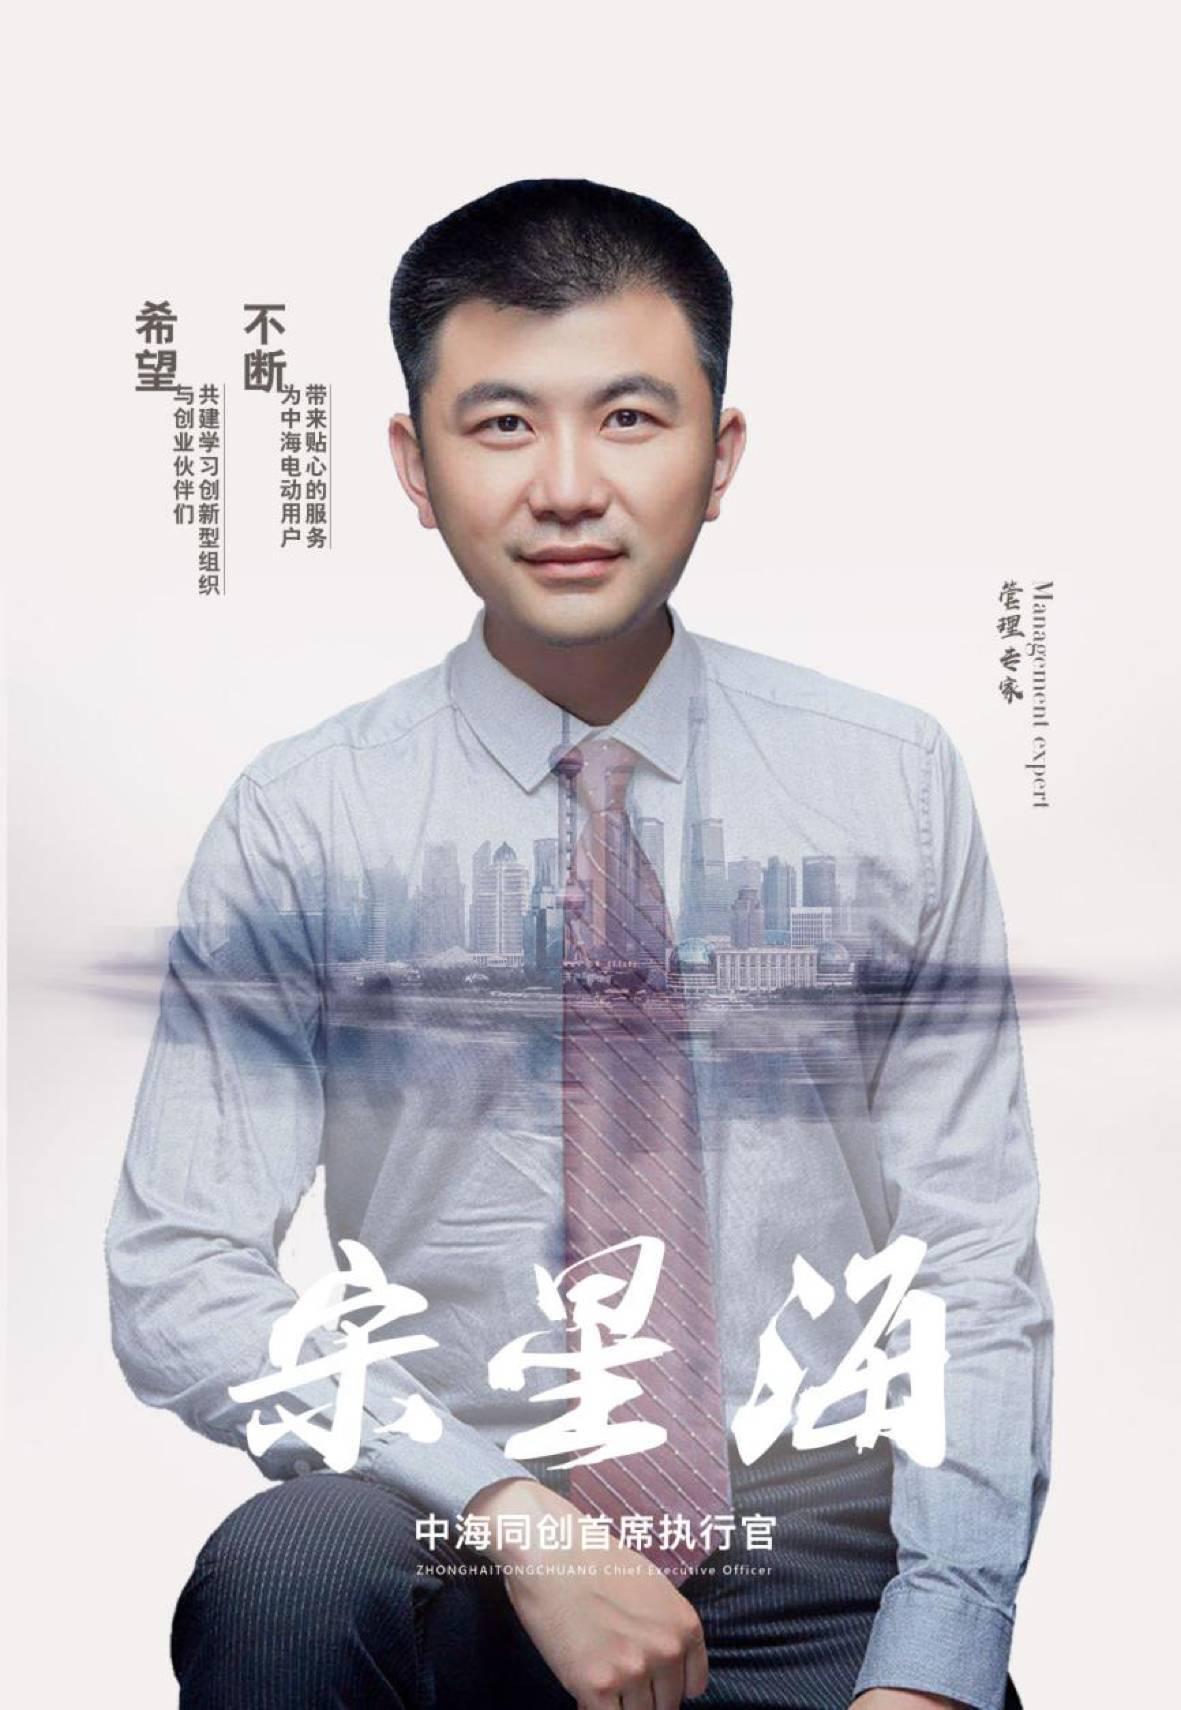 中海电动——智慧出行倡导者